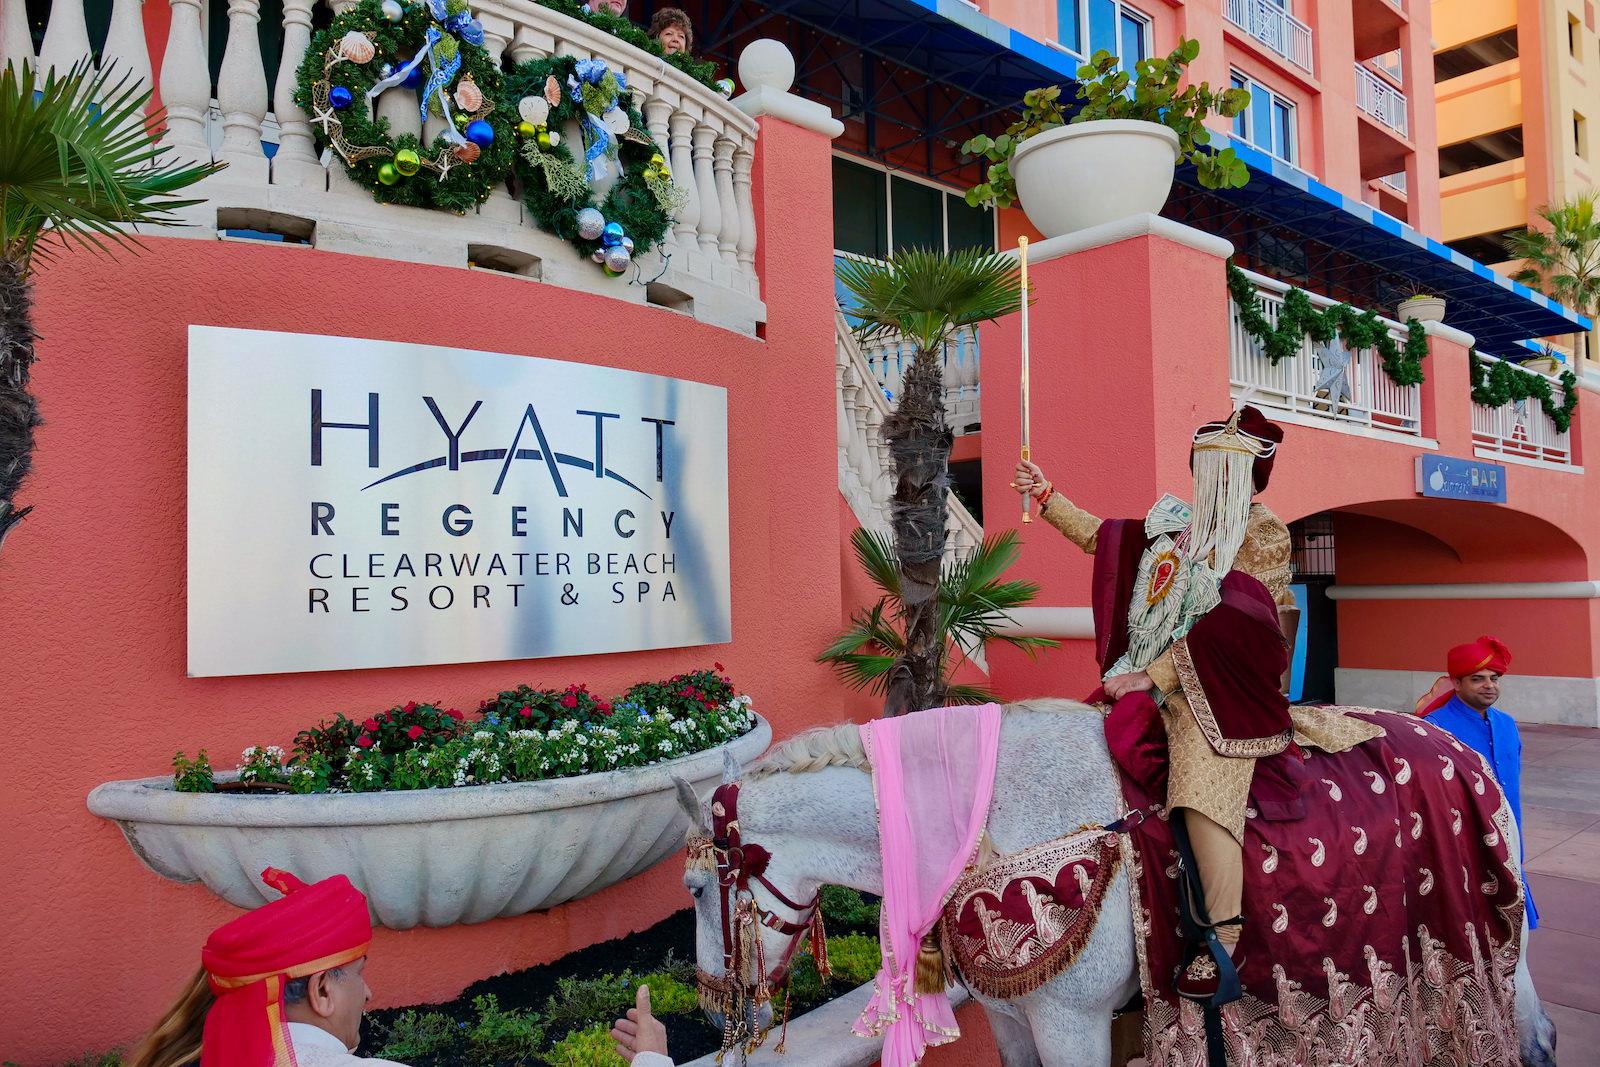 Clearwater Florida Indian Wedding | Groom White Horse Baraat Beaded Sehra | Clearwater Wedding Venue Hyatt Regency Clearwater Beach Resort and Spa